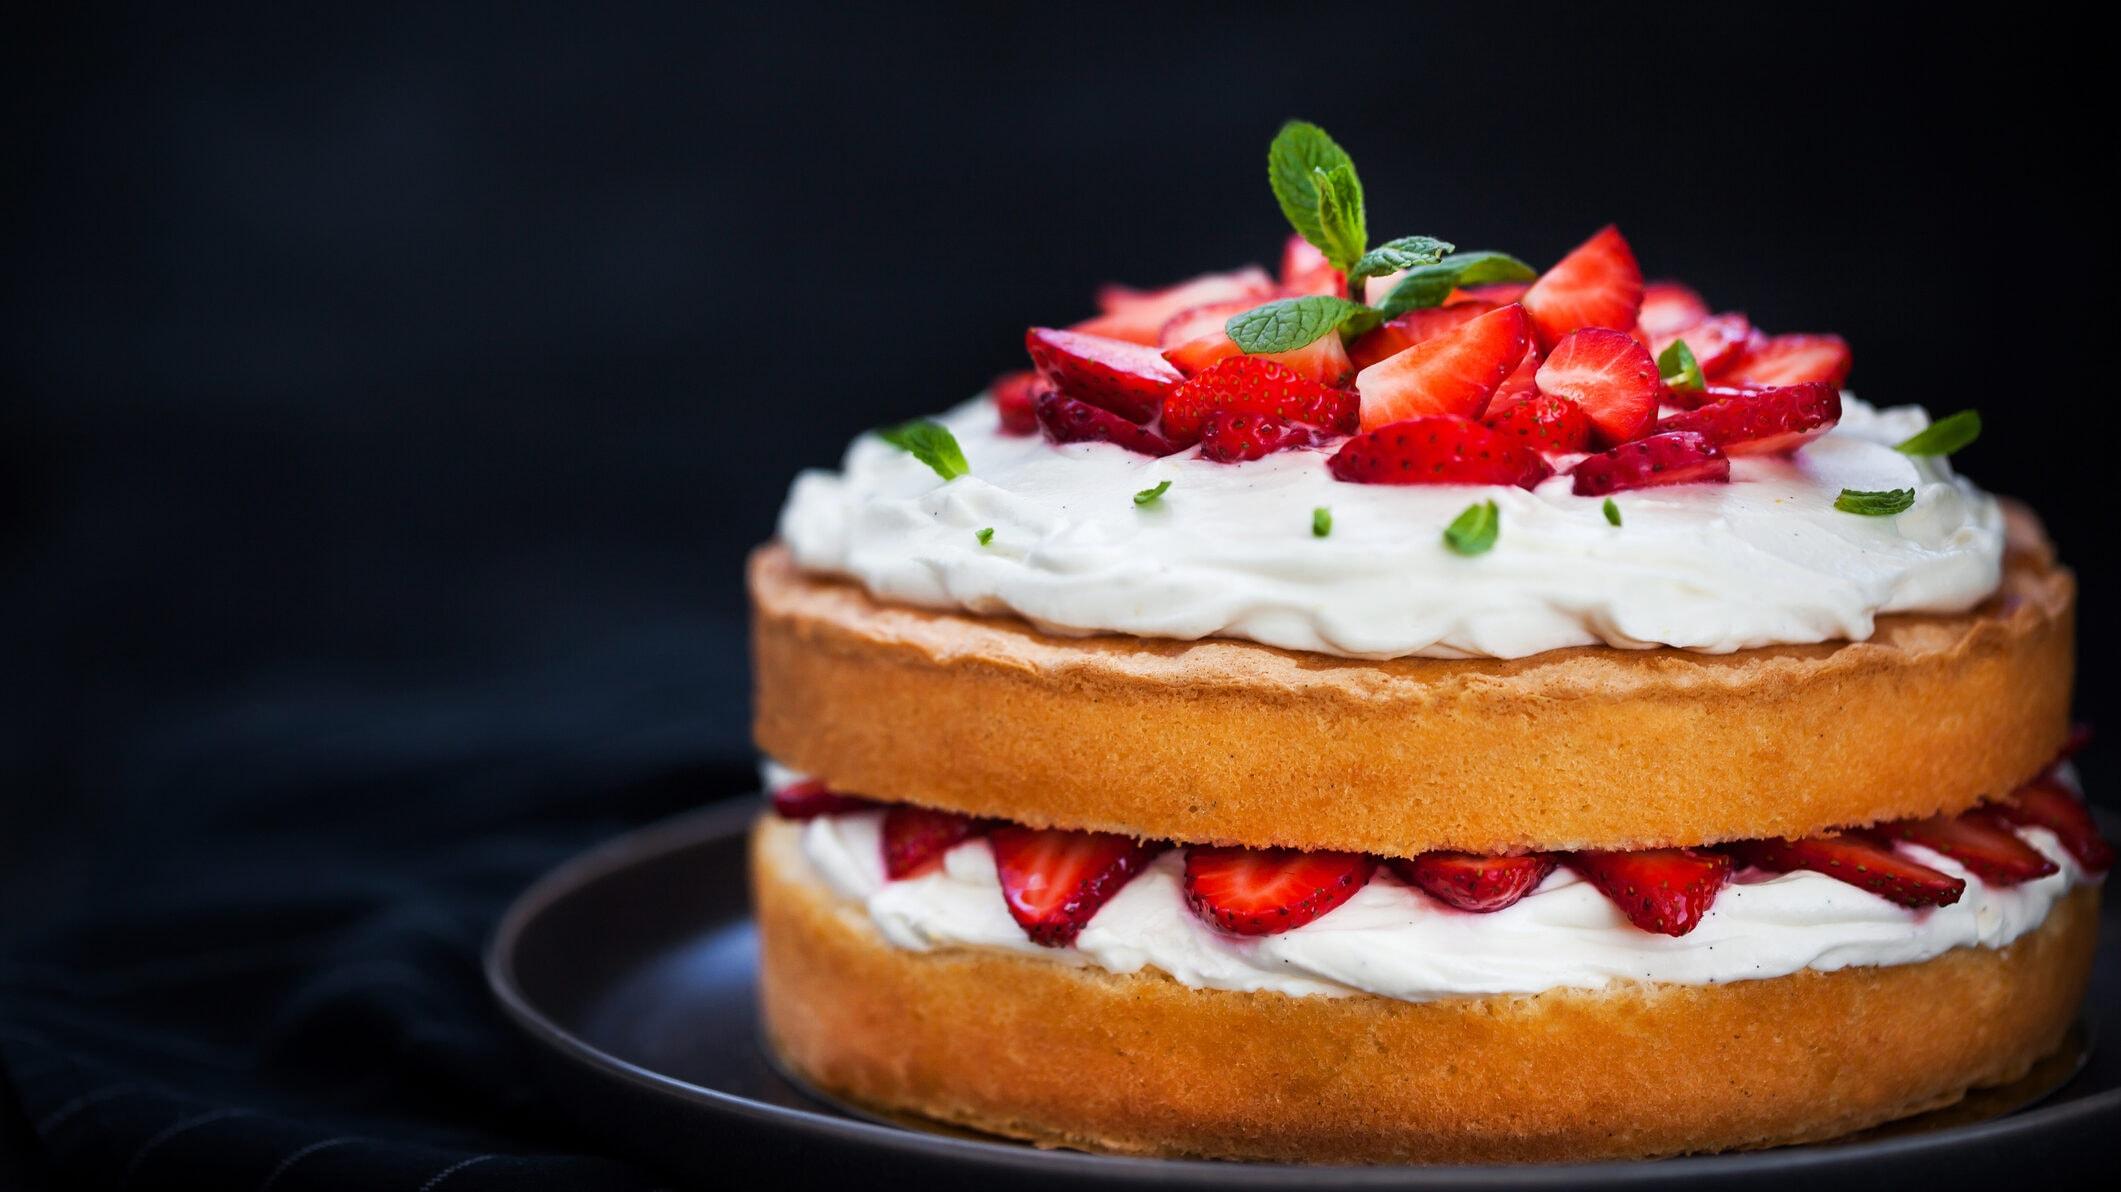 Ein Naked Cake mit Erdbeeren und Sahne auf einem Teller, dekoriert mit frischer Minze.